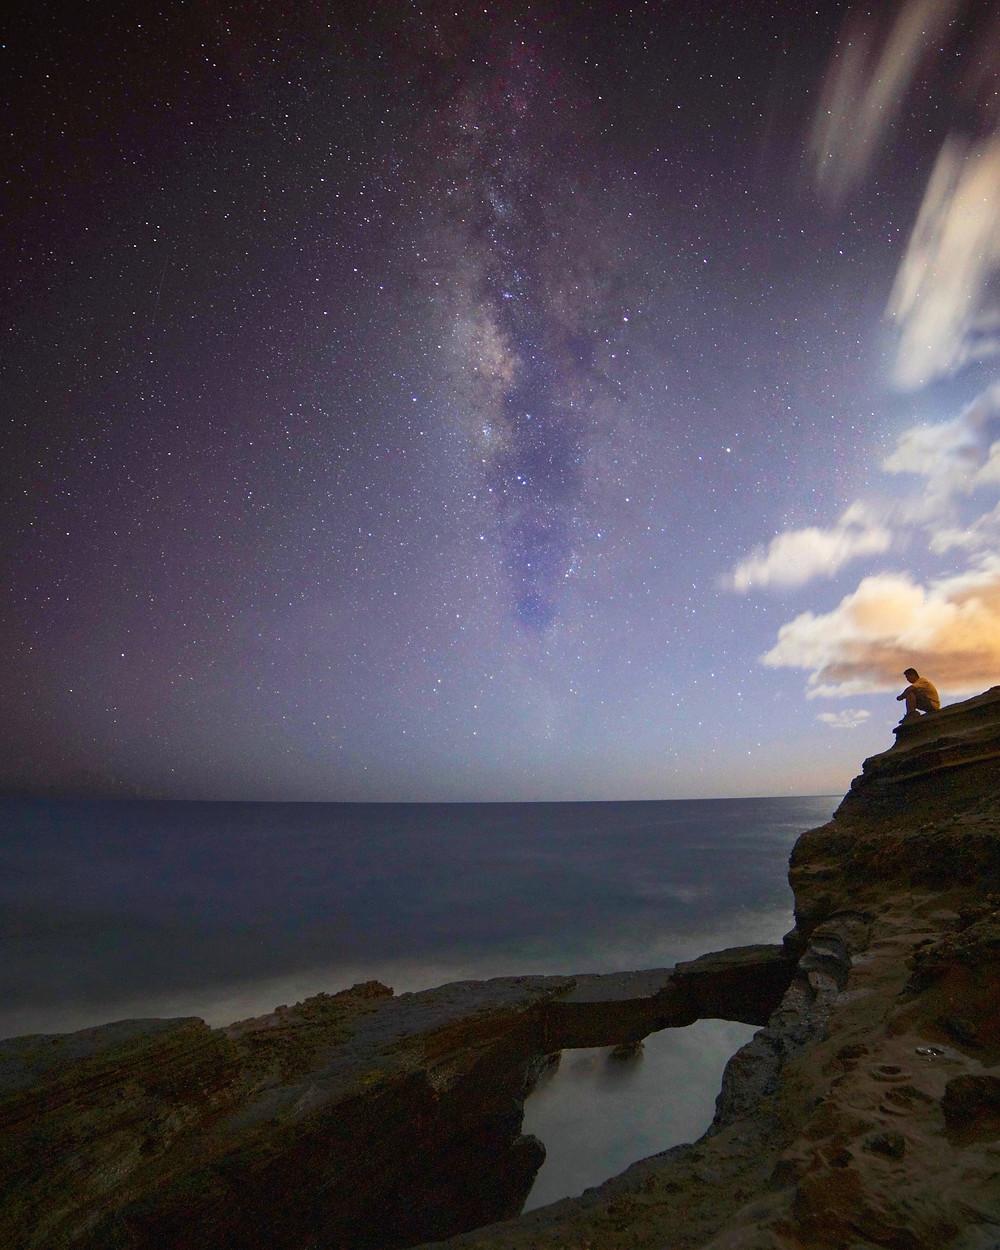 Eñl hombre y el cielo, qué es la astrología psicologica, principios básicos de la astrología, estudira astrología, para qué sirve la astrología